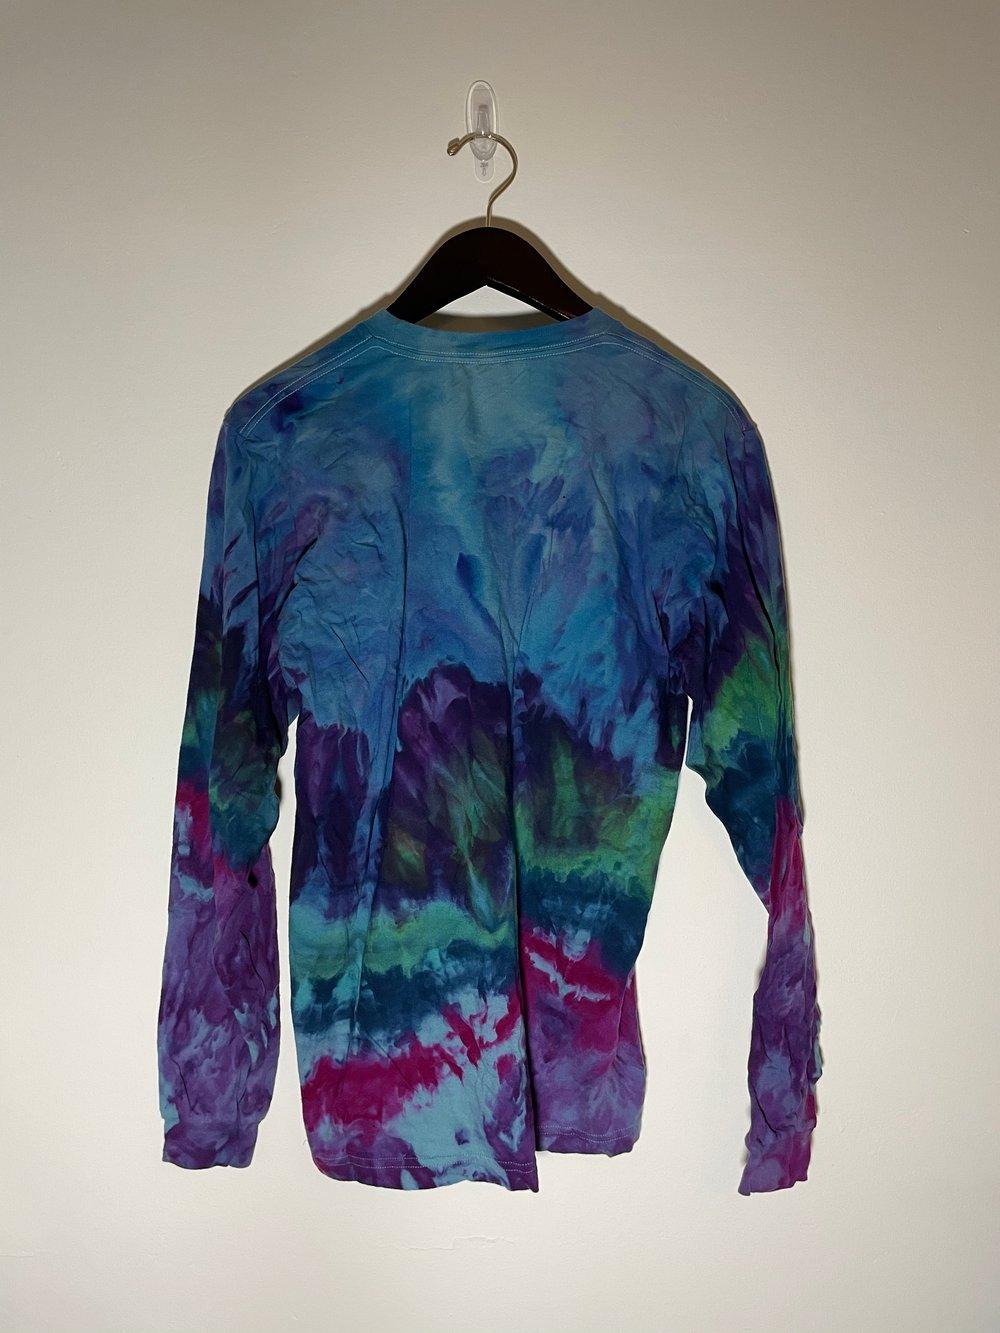 Long Sleeve Tie Dye #2 - Medium